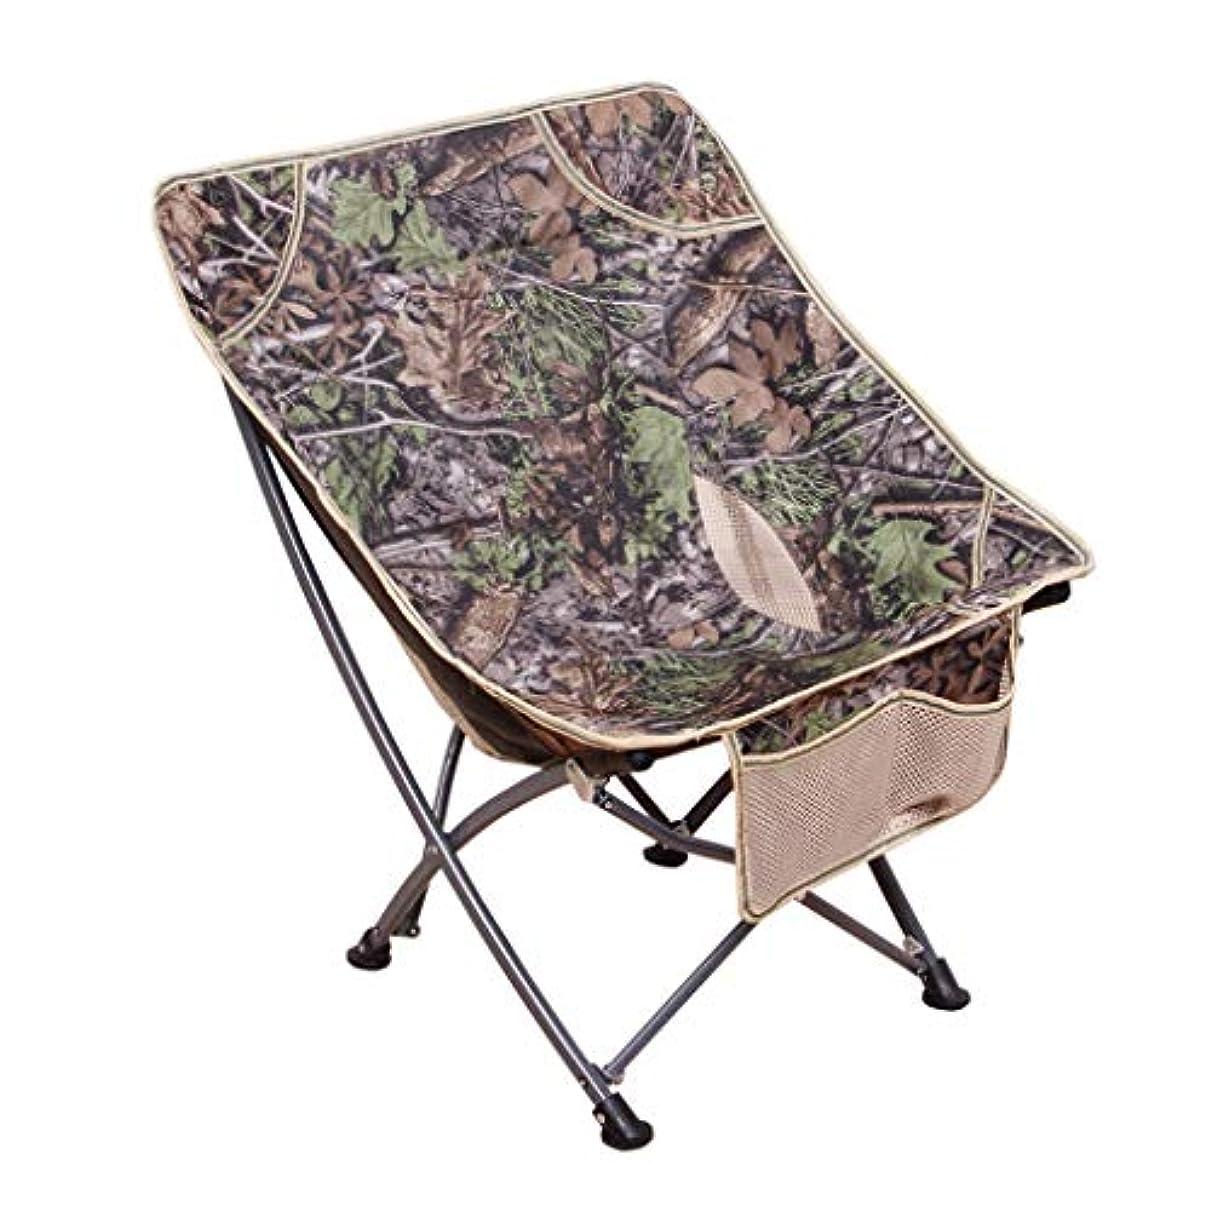 明らか検出するぴかぴかキャンプ椅子屋外ポータブル折りたたみ椅子スポーツ椅子釣り椅子バーベキュービーチスツールスケッチチェアレイジーチェア (Color : Brown)